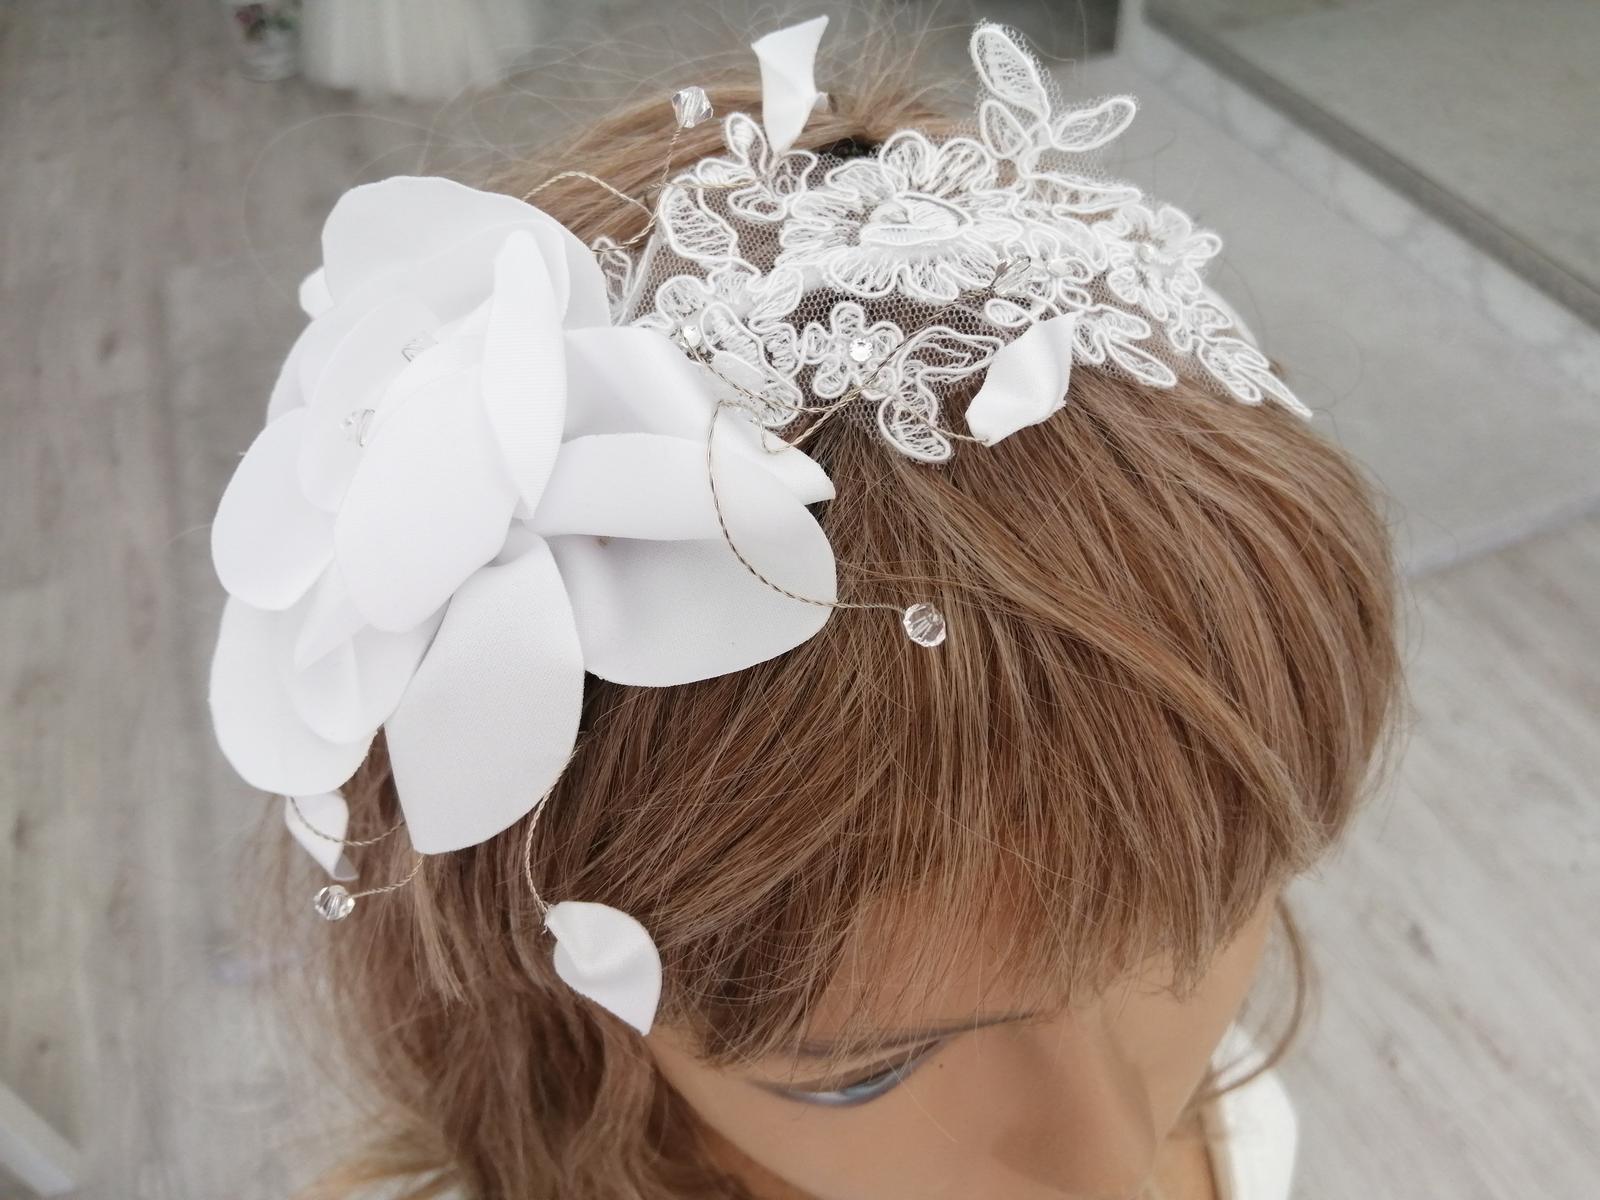 Čelenka s kvetom biela a ivory - Obrázok č. 2